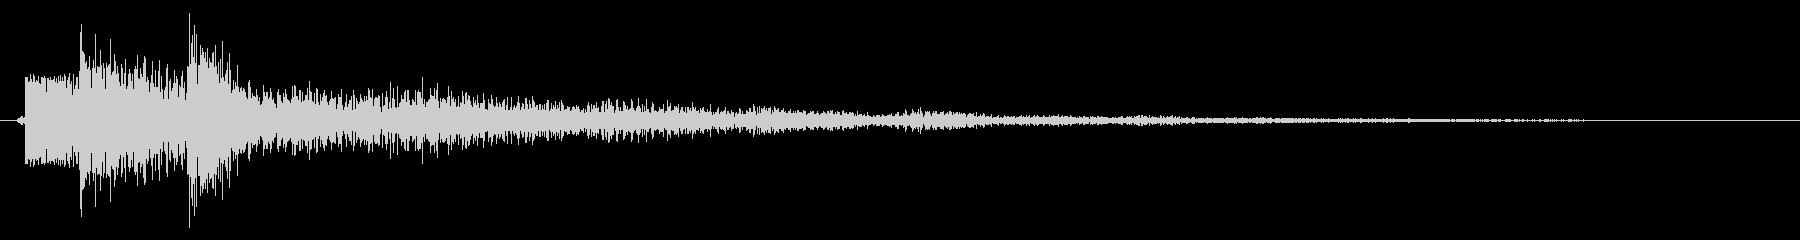 レベルアップ/説明/補足の未再生の波形